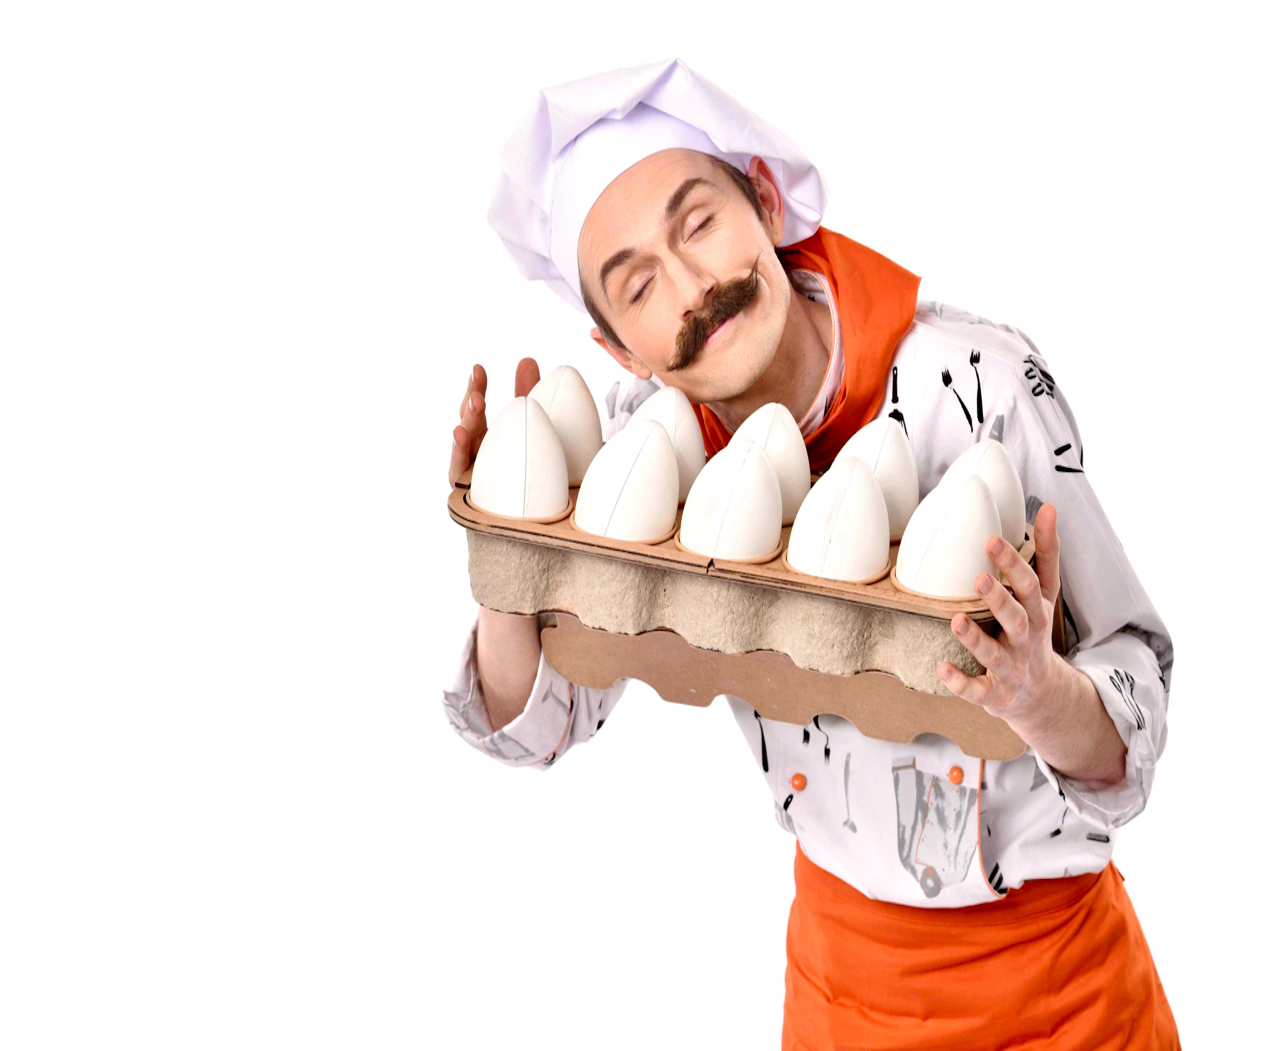 Stanislas Koch Juggling